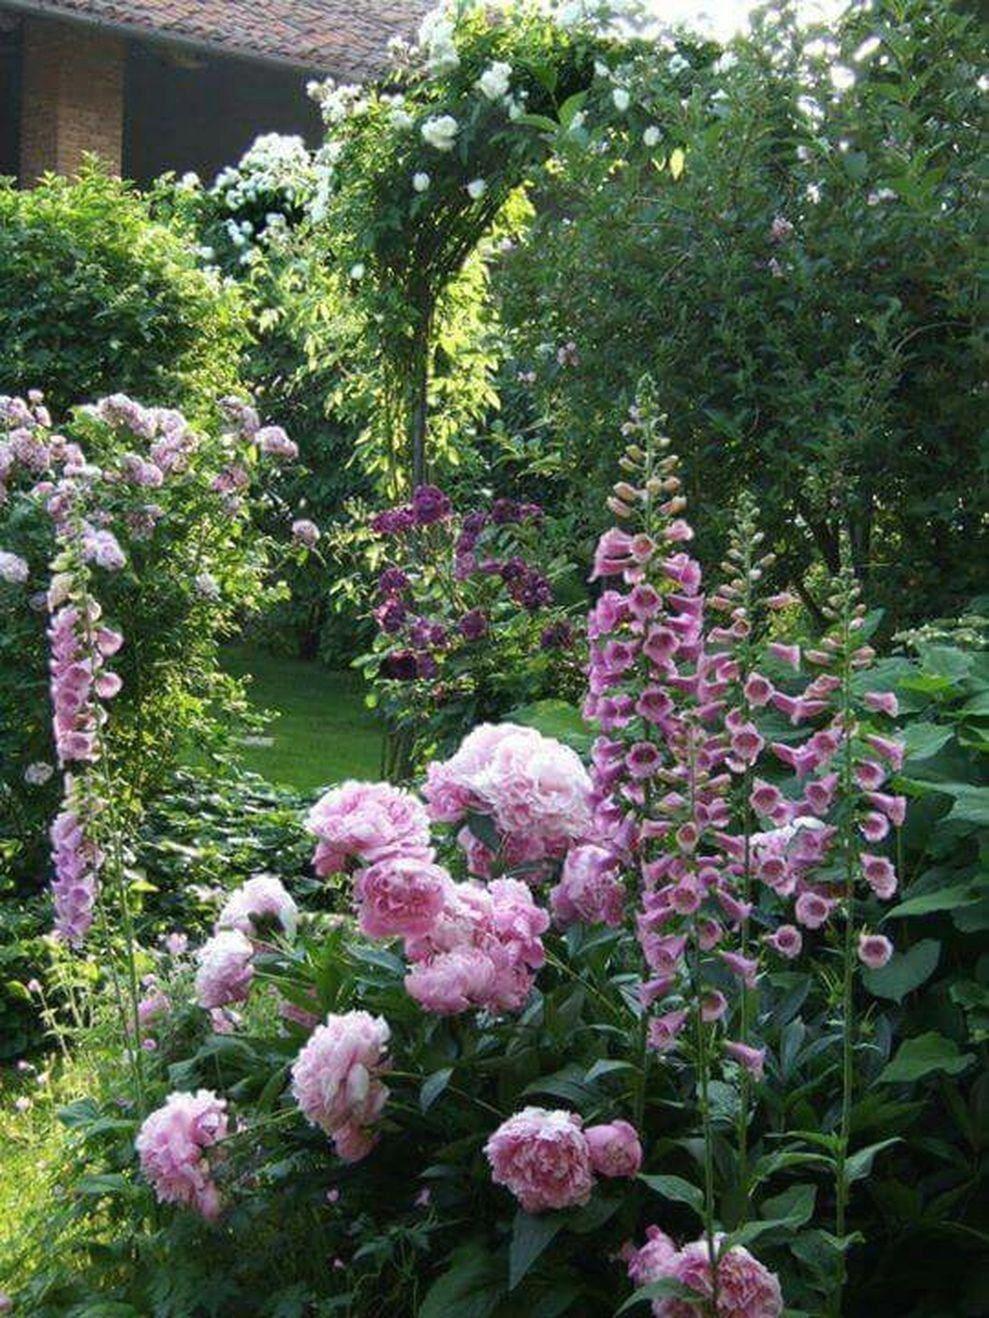 6b16d2de481e661d82ef1579e319edab - Spring Gardens Assisted Living St George